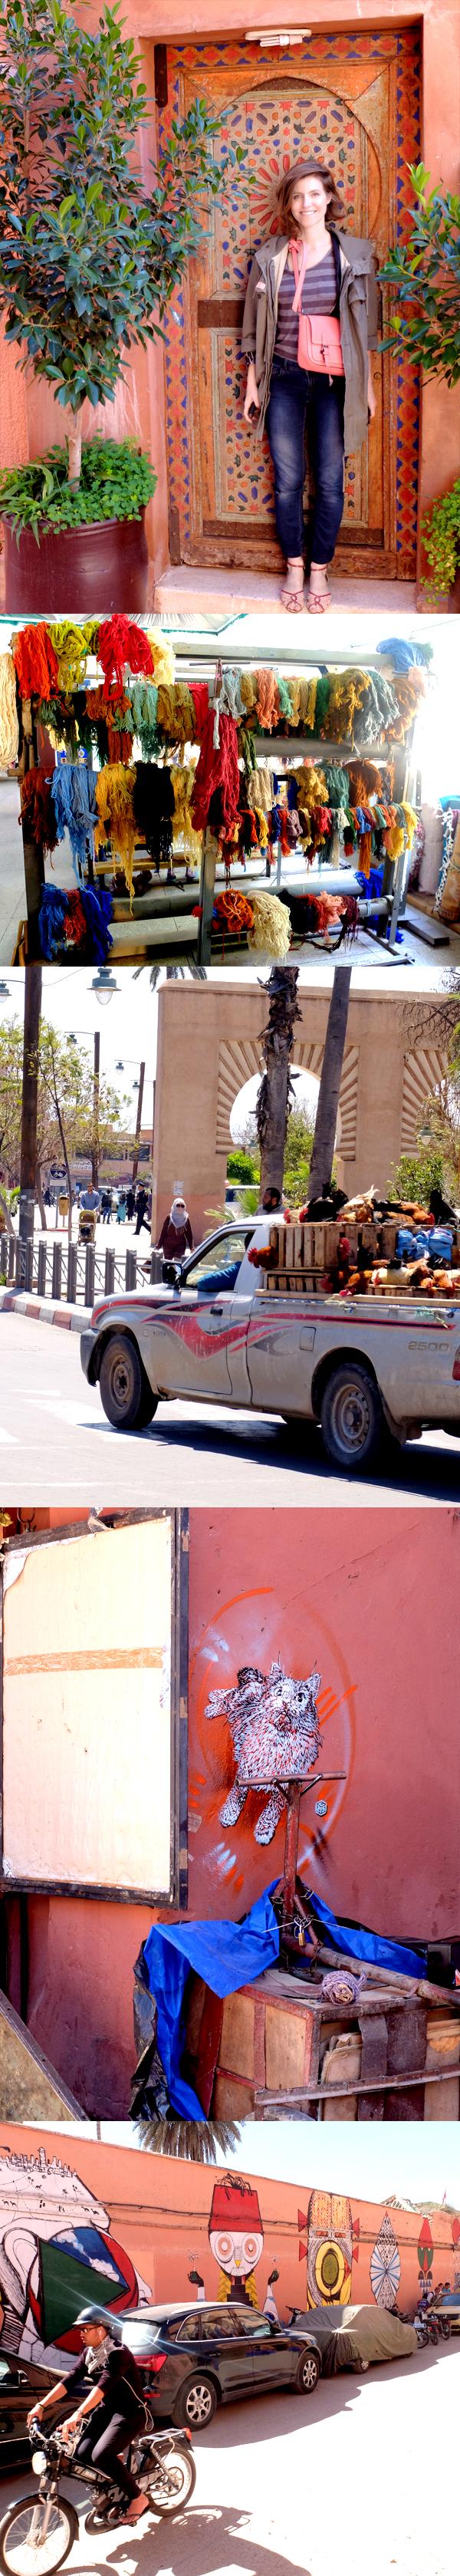 Marrakech01